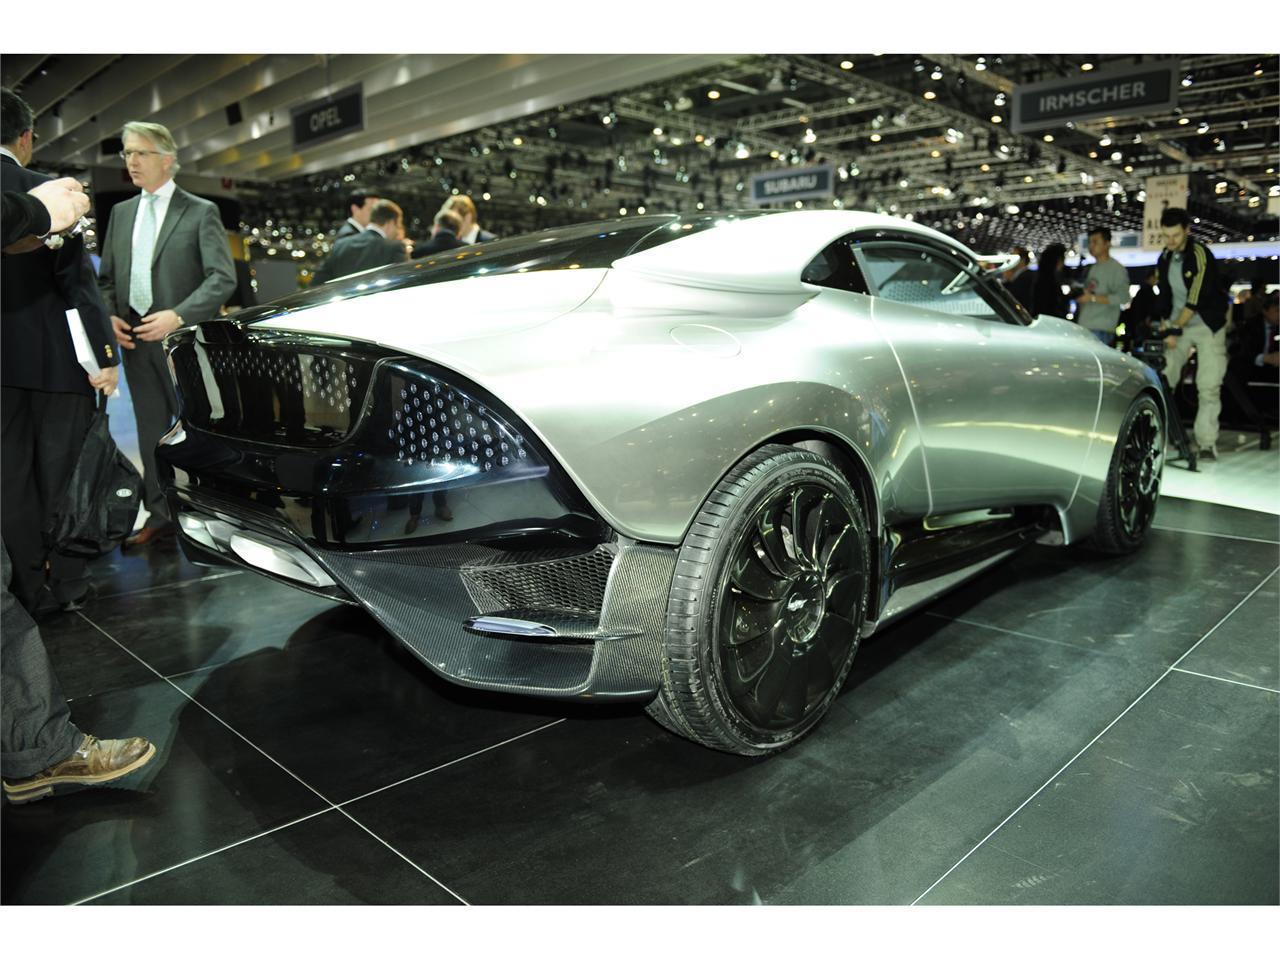 FERIA INTERNACIONAL DEL AUTOMOVILISMO,AUTOS TUNING-http://a.ccdn.es/cnet/contents/media/SAAB/254212.jpg